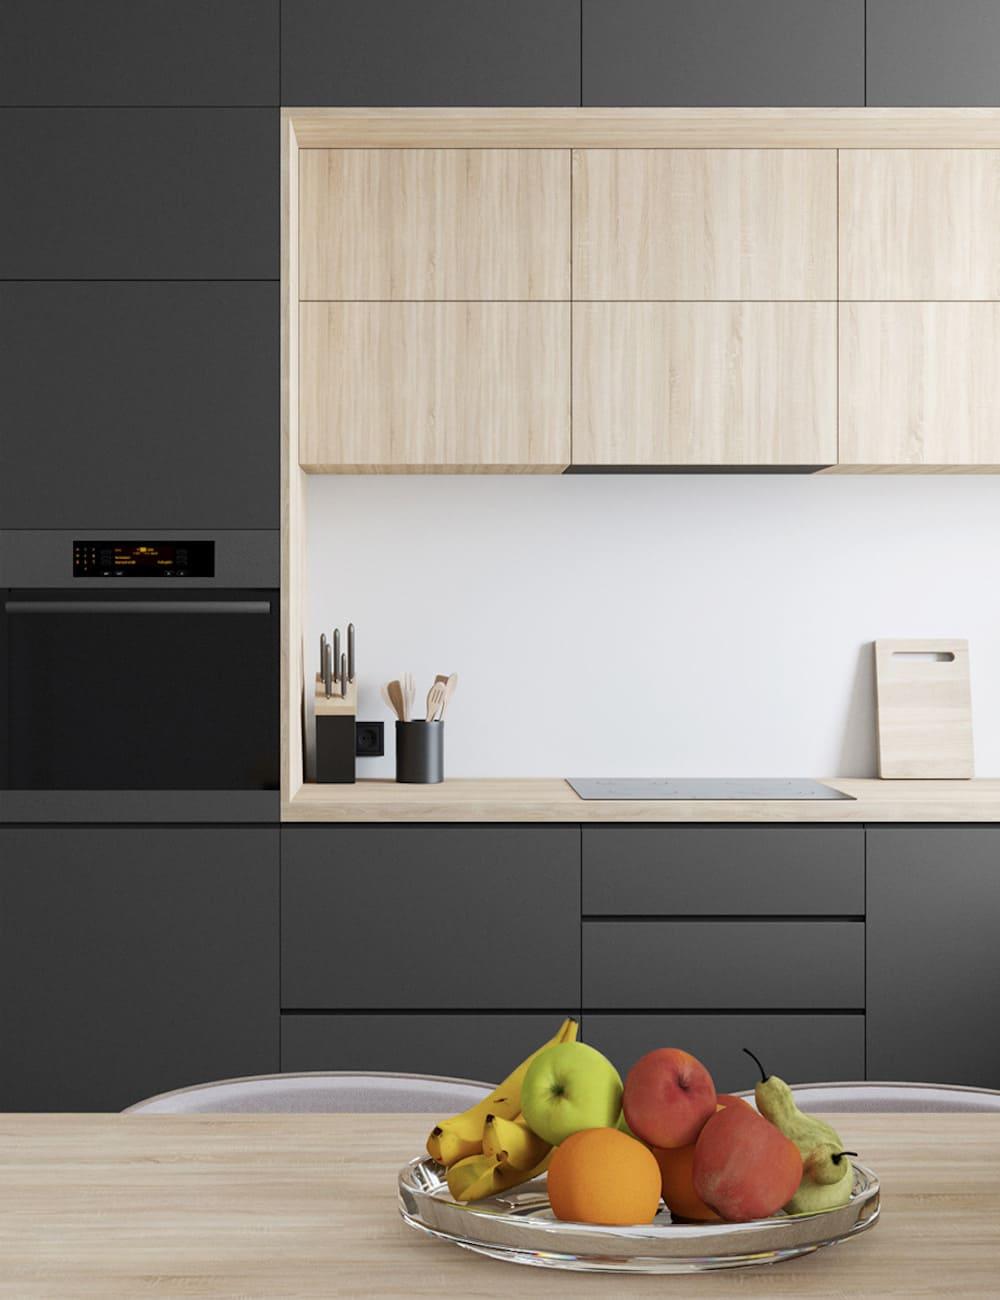 дизайн кухни в современном стиле фото 62